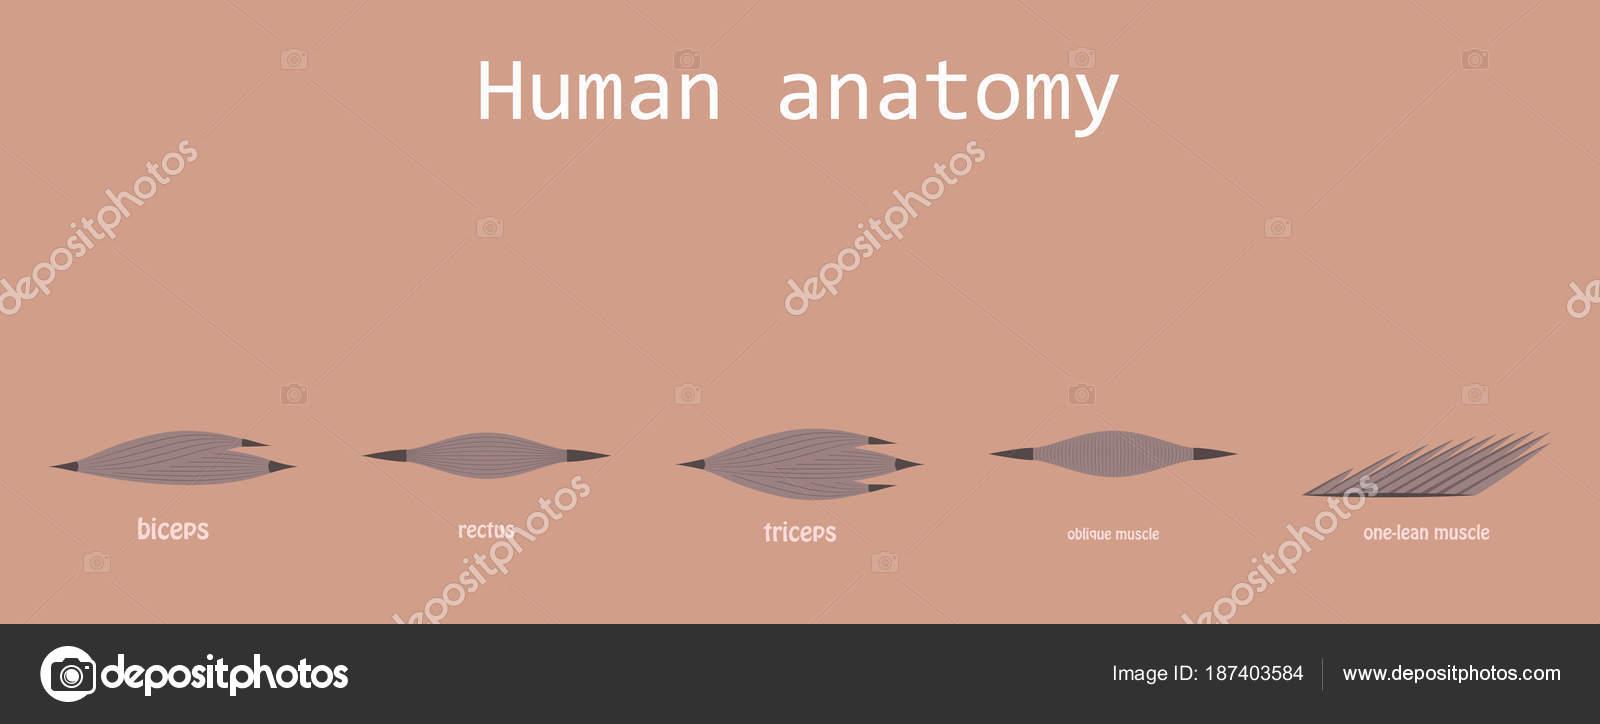 Arten von Muskel Gewebe des menschlichen Körpers Diagramm ...